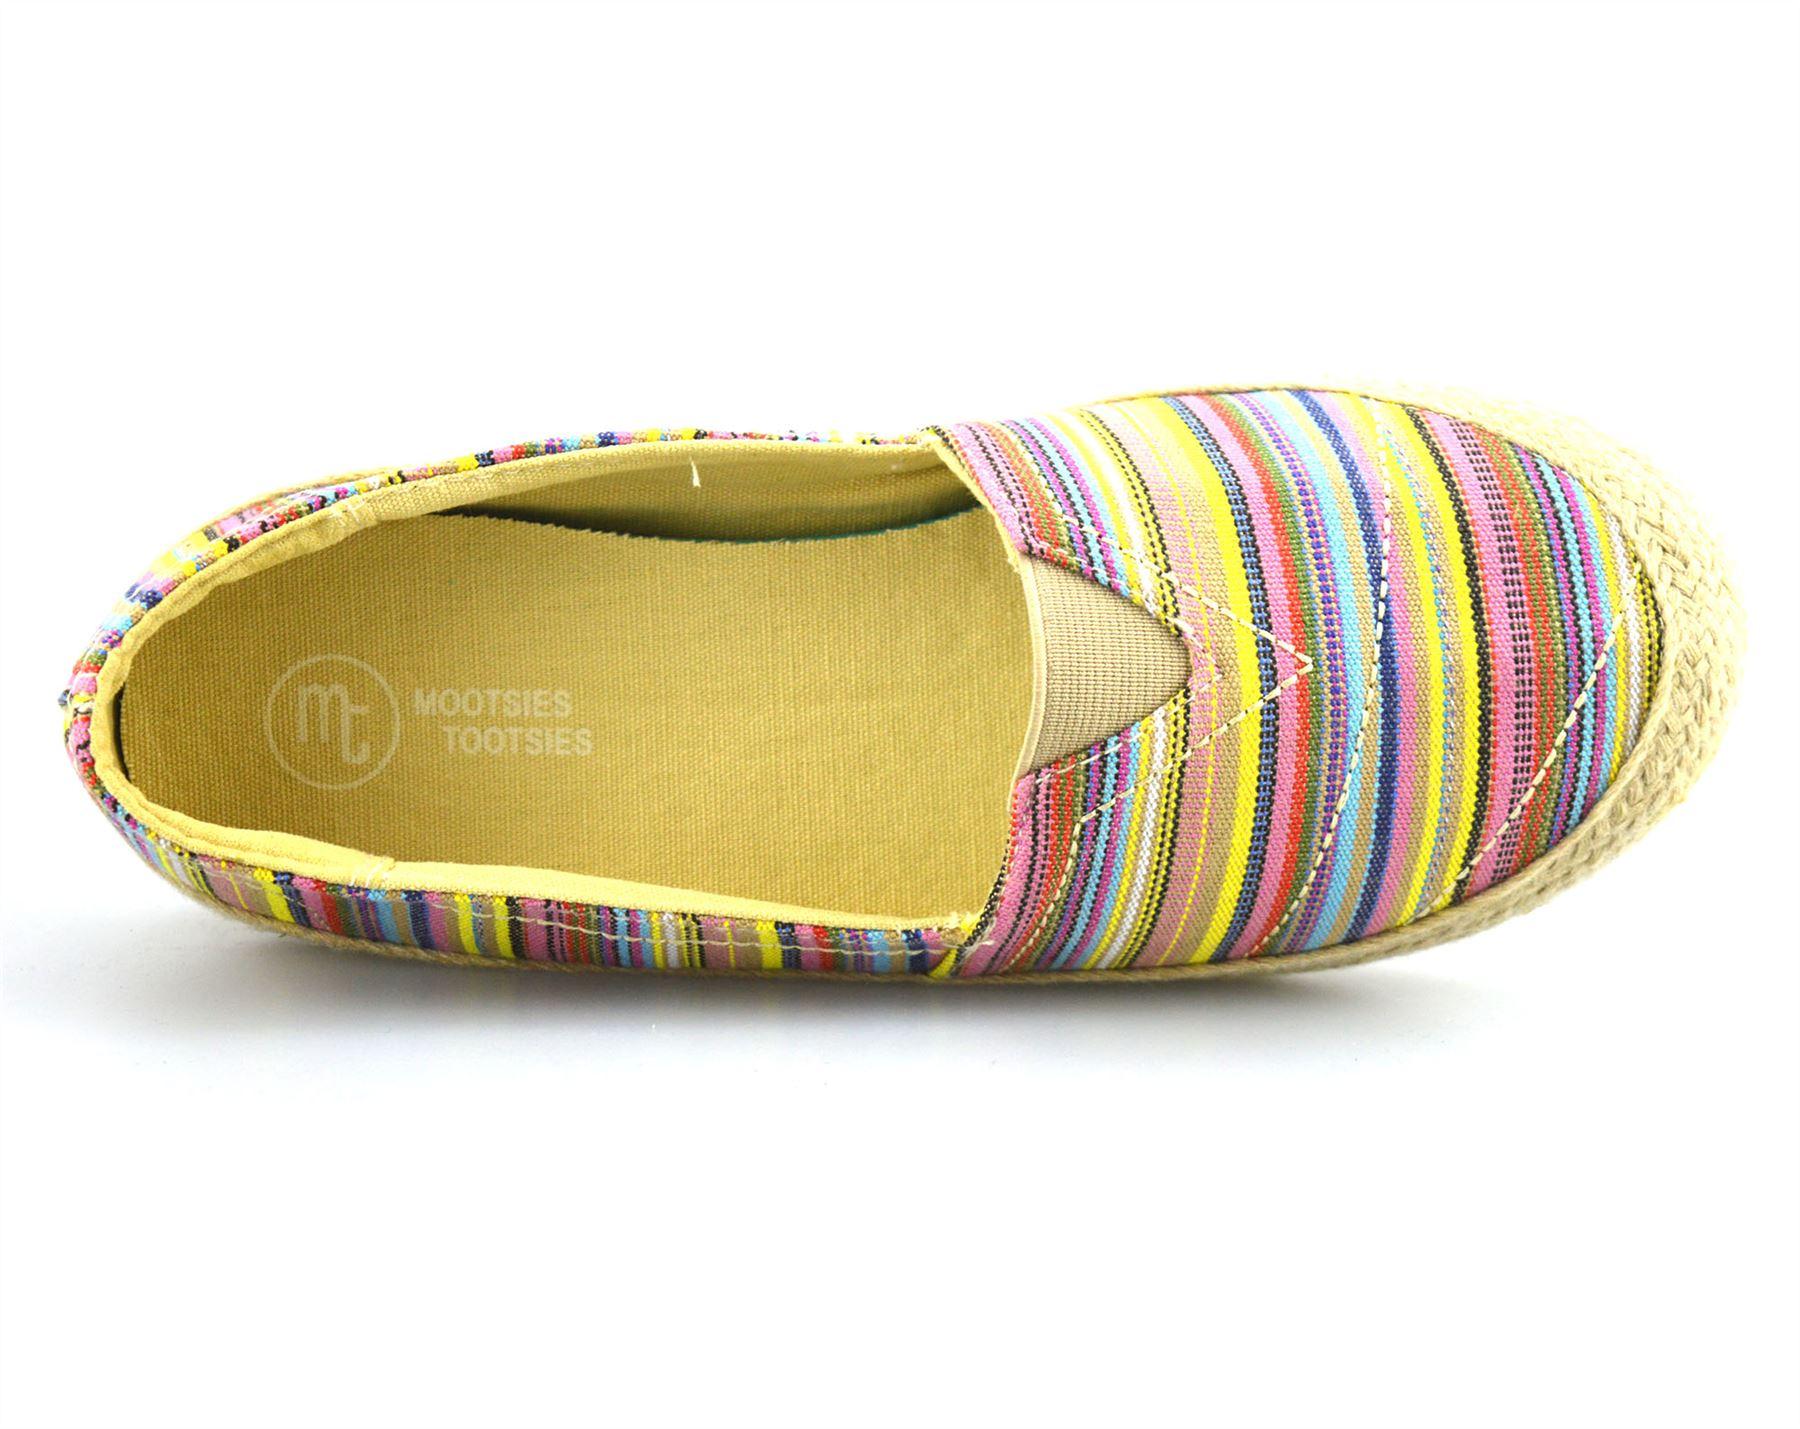 Ladies Womens Flat Slip On Canvas Pumps Plimsolls Trainers Espadrilles Shoe Size